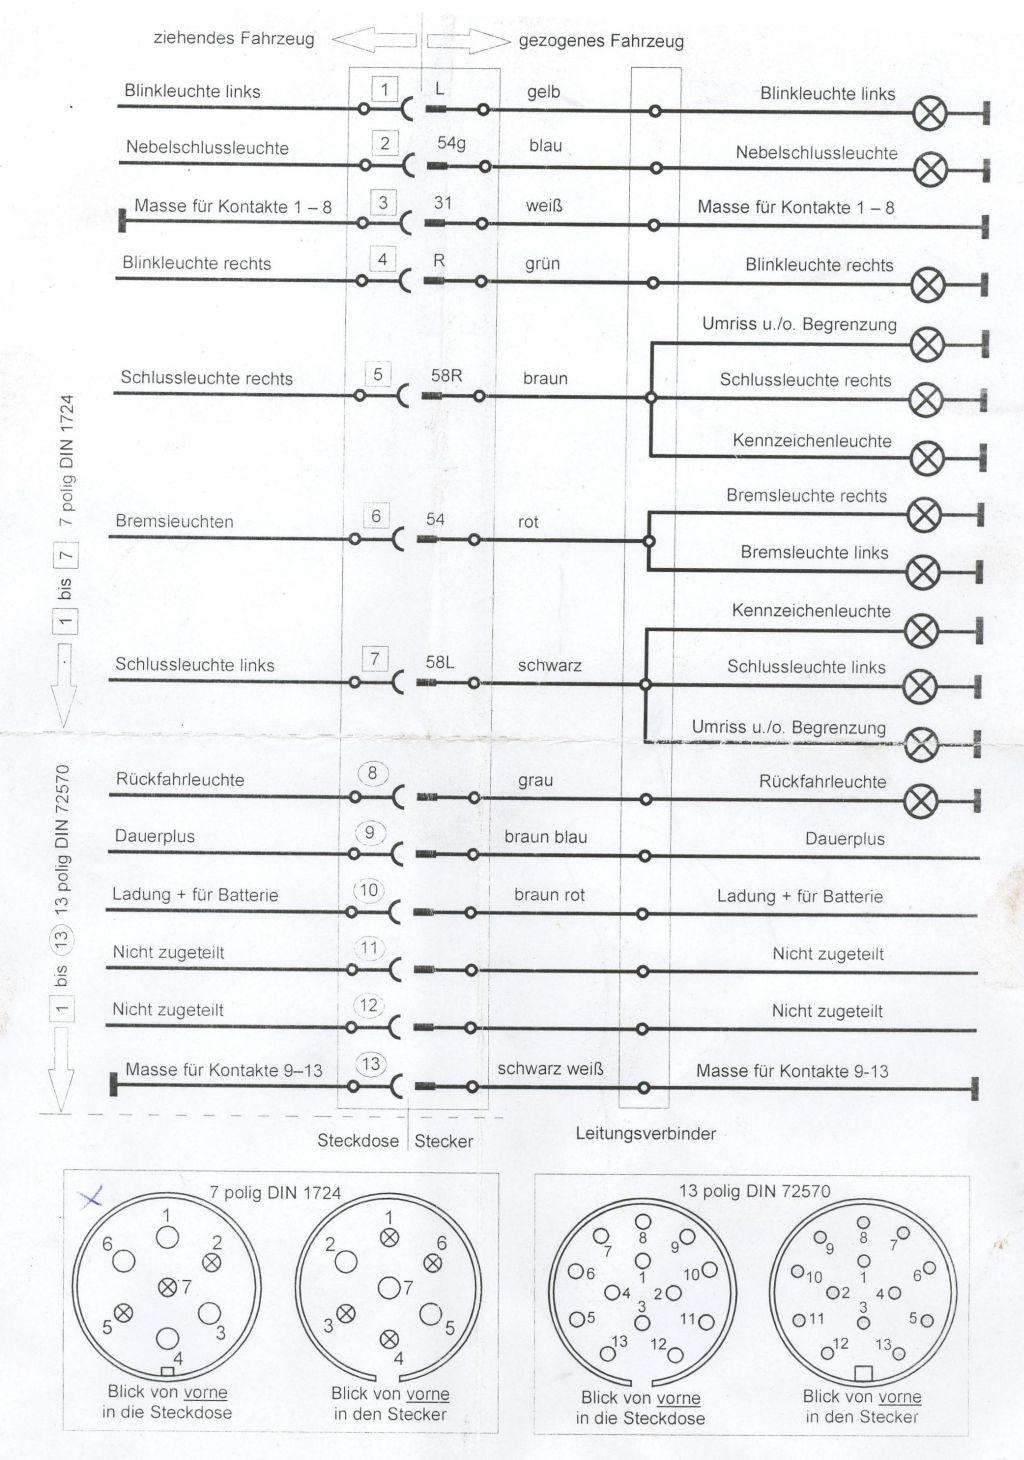 Schaltplan/Steckerbelegung Anhänger